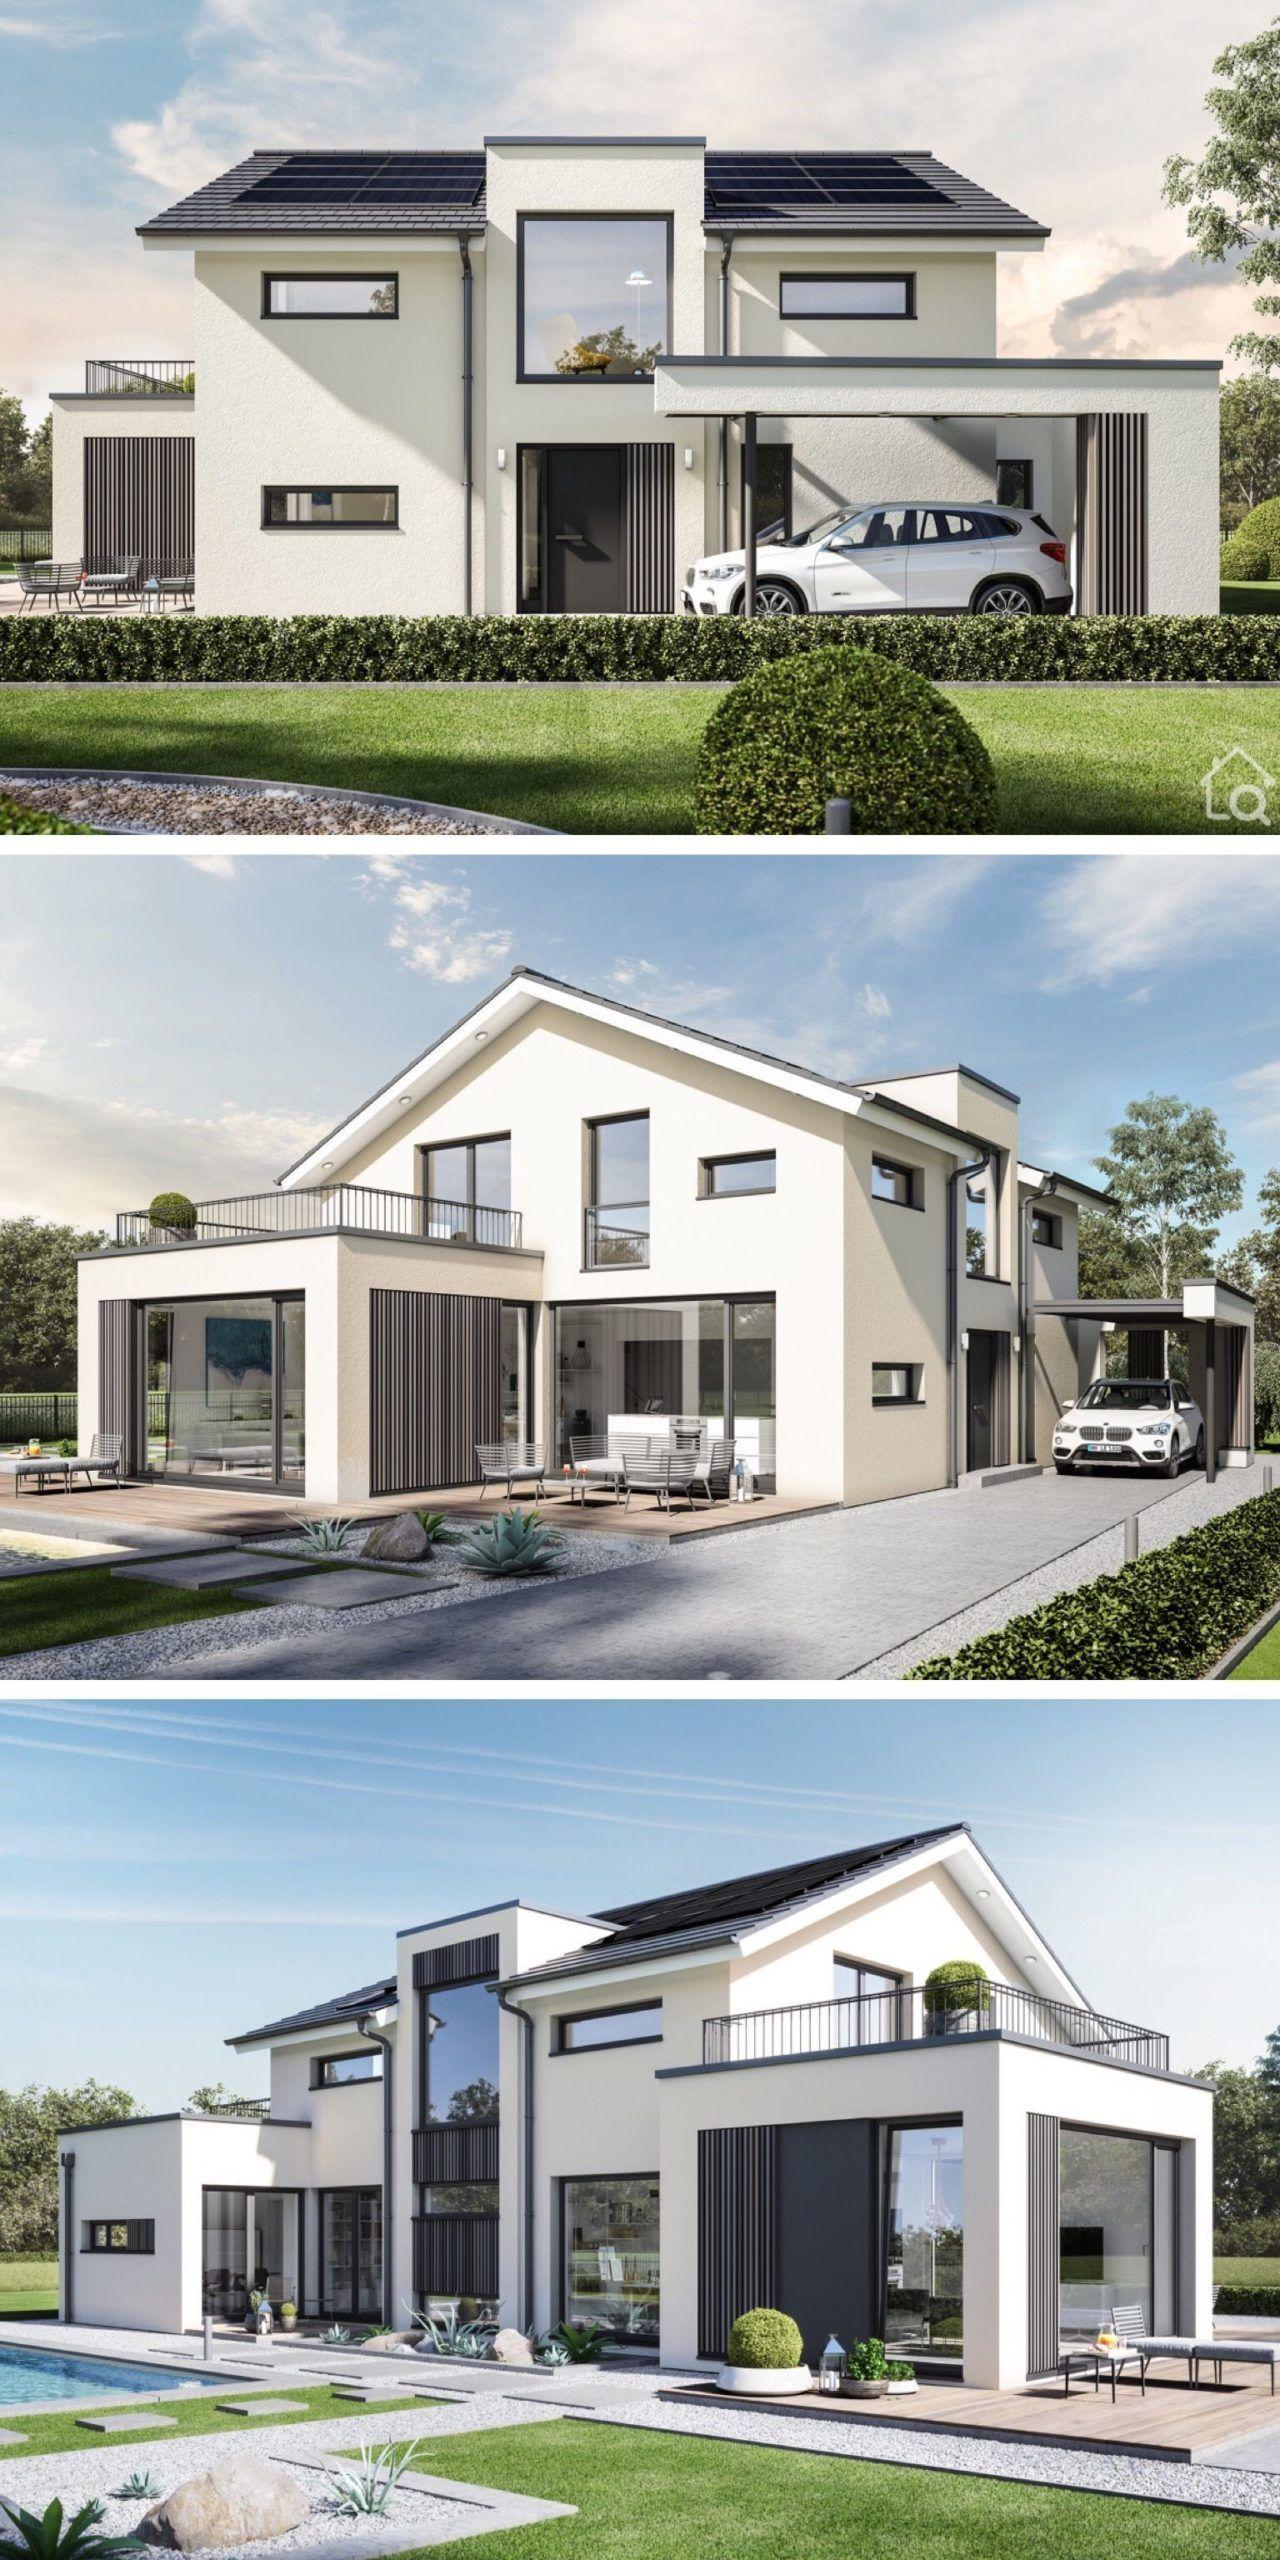 Einfamilienhaus Moderne Konstruktion Mit Satteldach Einfamilienhaus Mit Modernem Neuen In 2020 Architektur Haus Satteldach Modern Haus Design